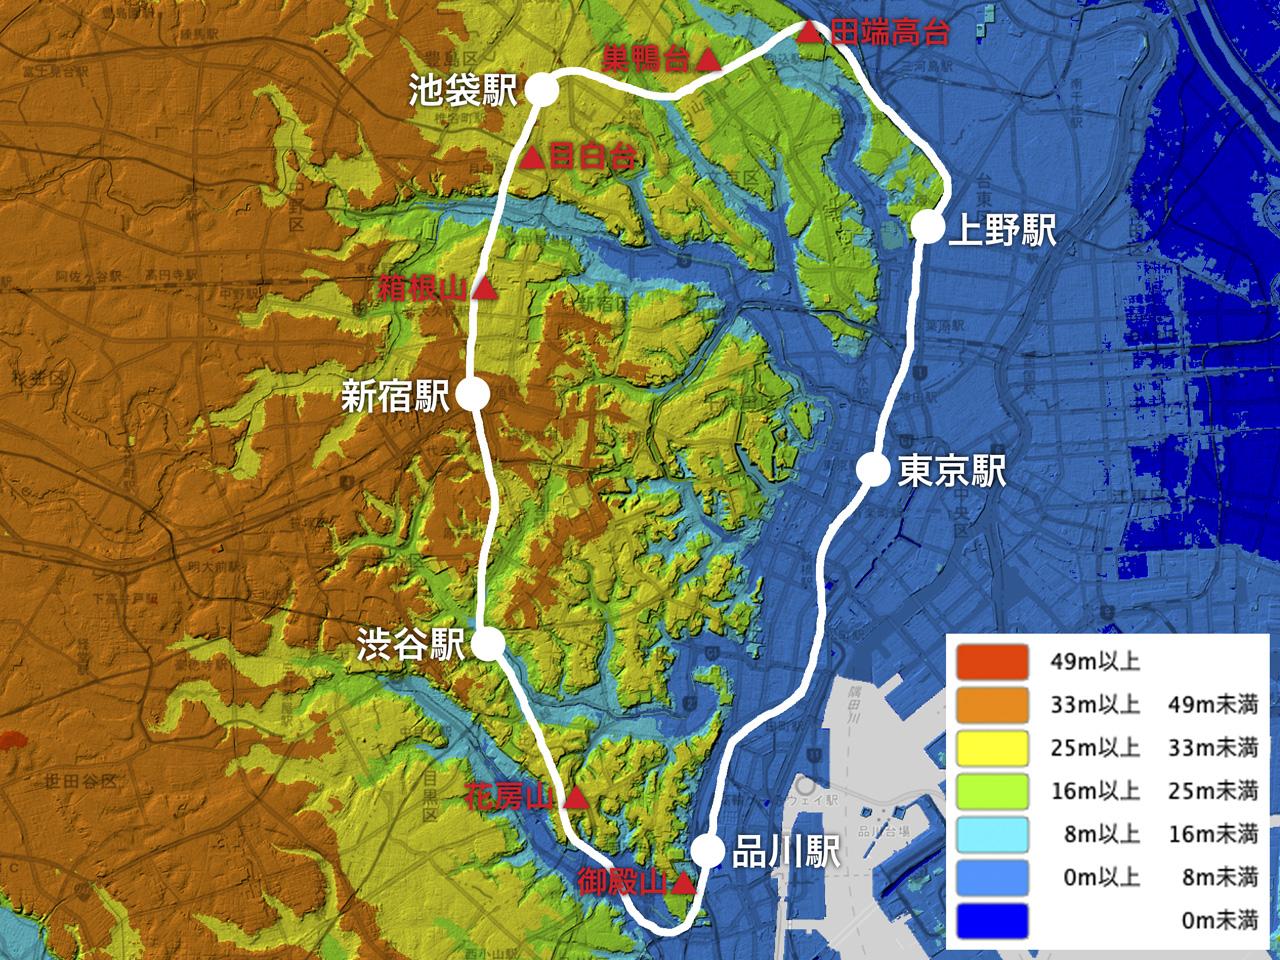 山手線地形図